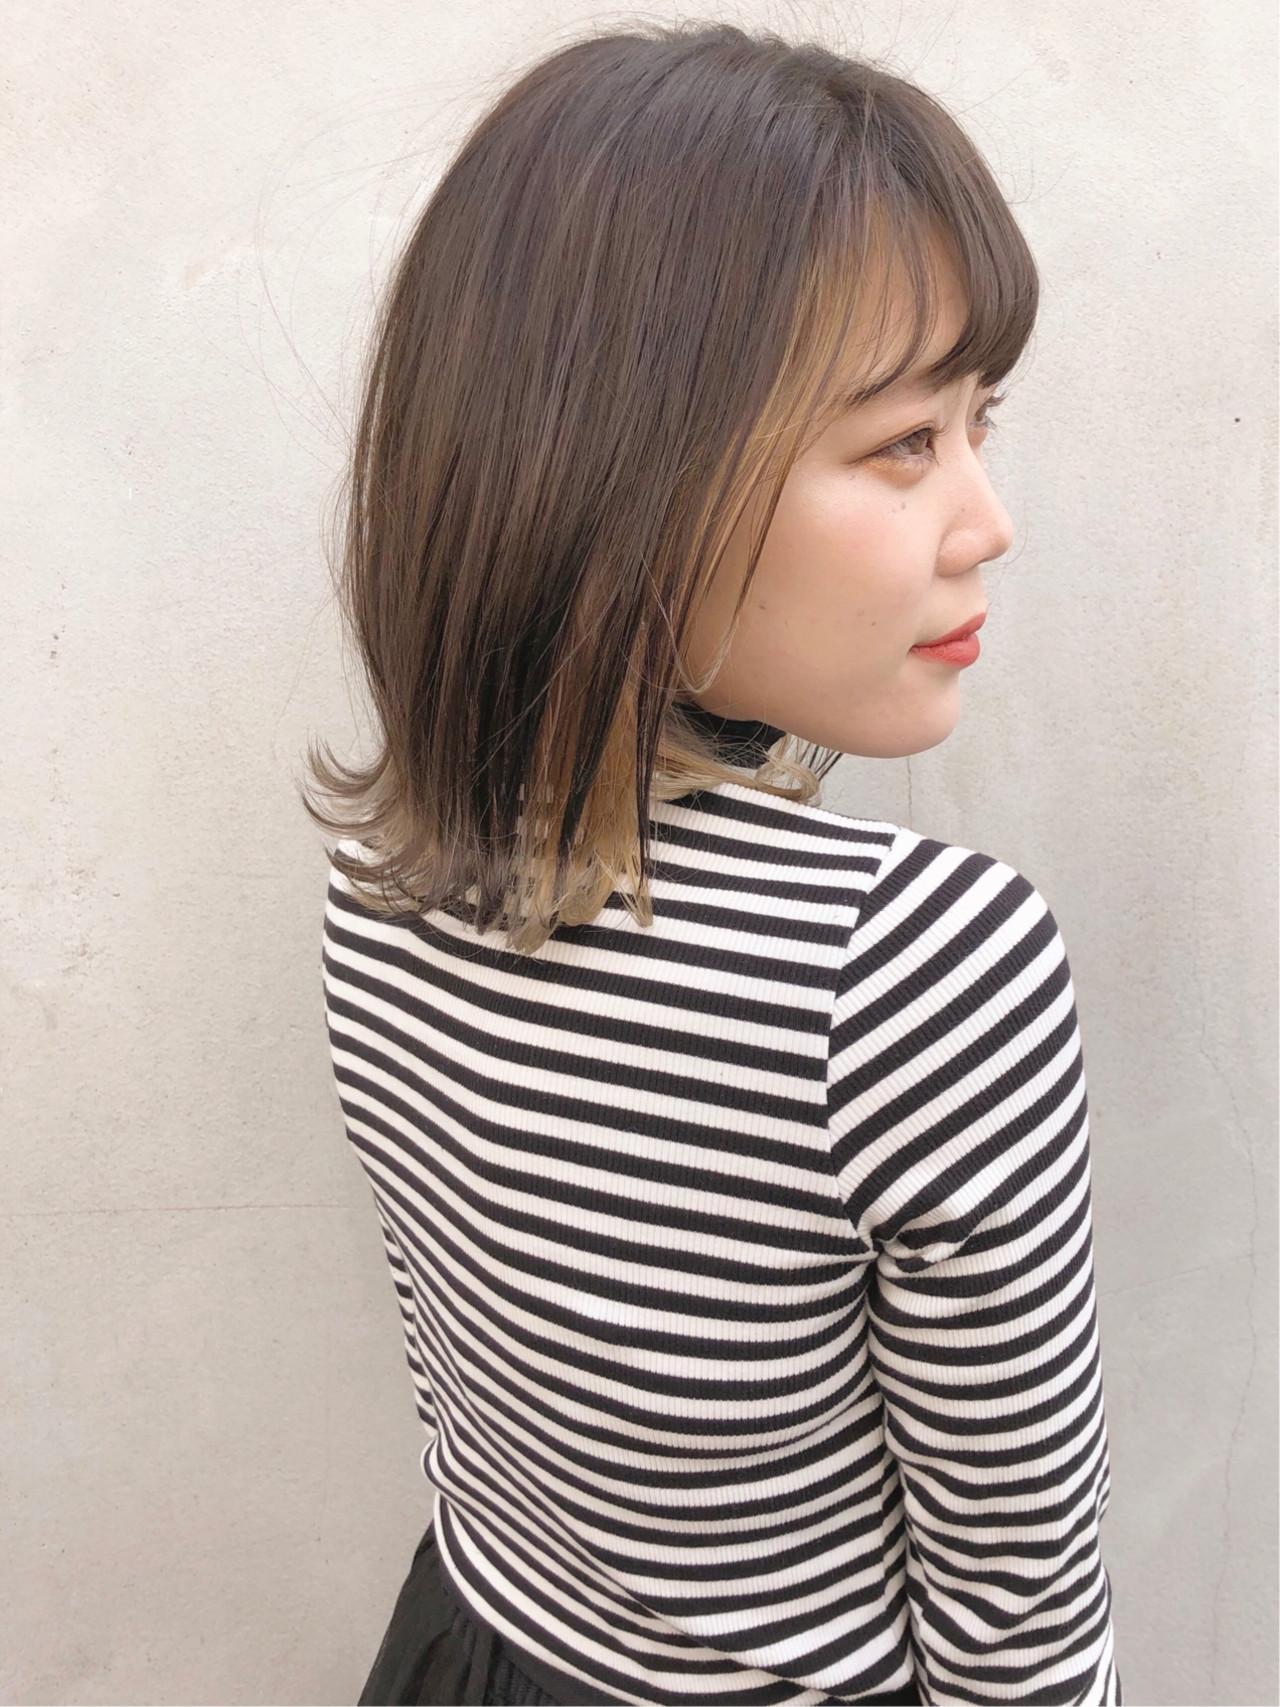 モード ブリーチカラー ショート ブリーチ ヘアスタイルや髪型の写真・画像 | 村井優紀 / FITS CORE フィッツコア